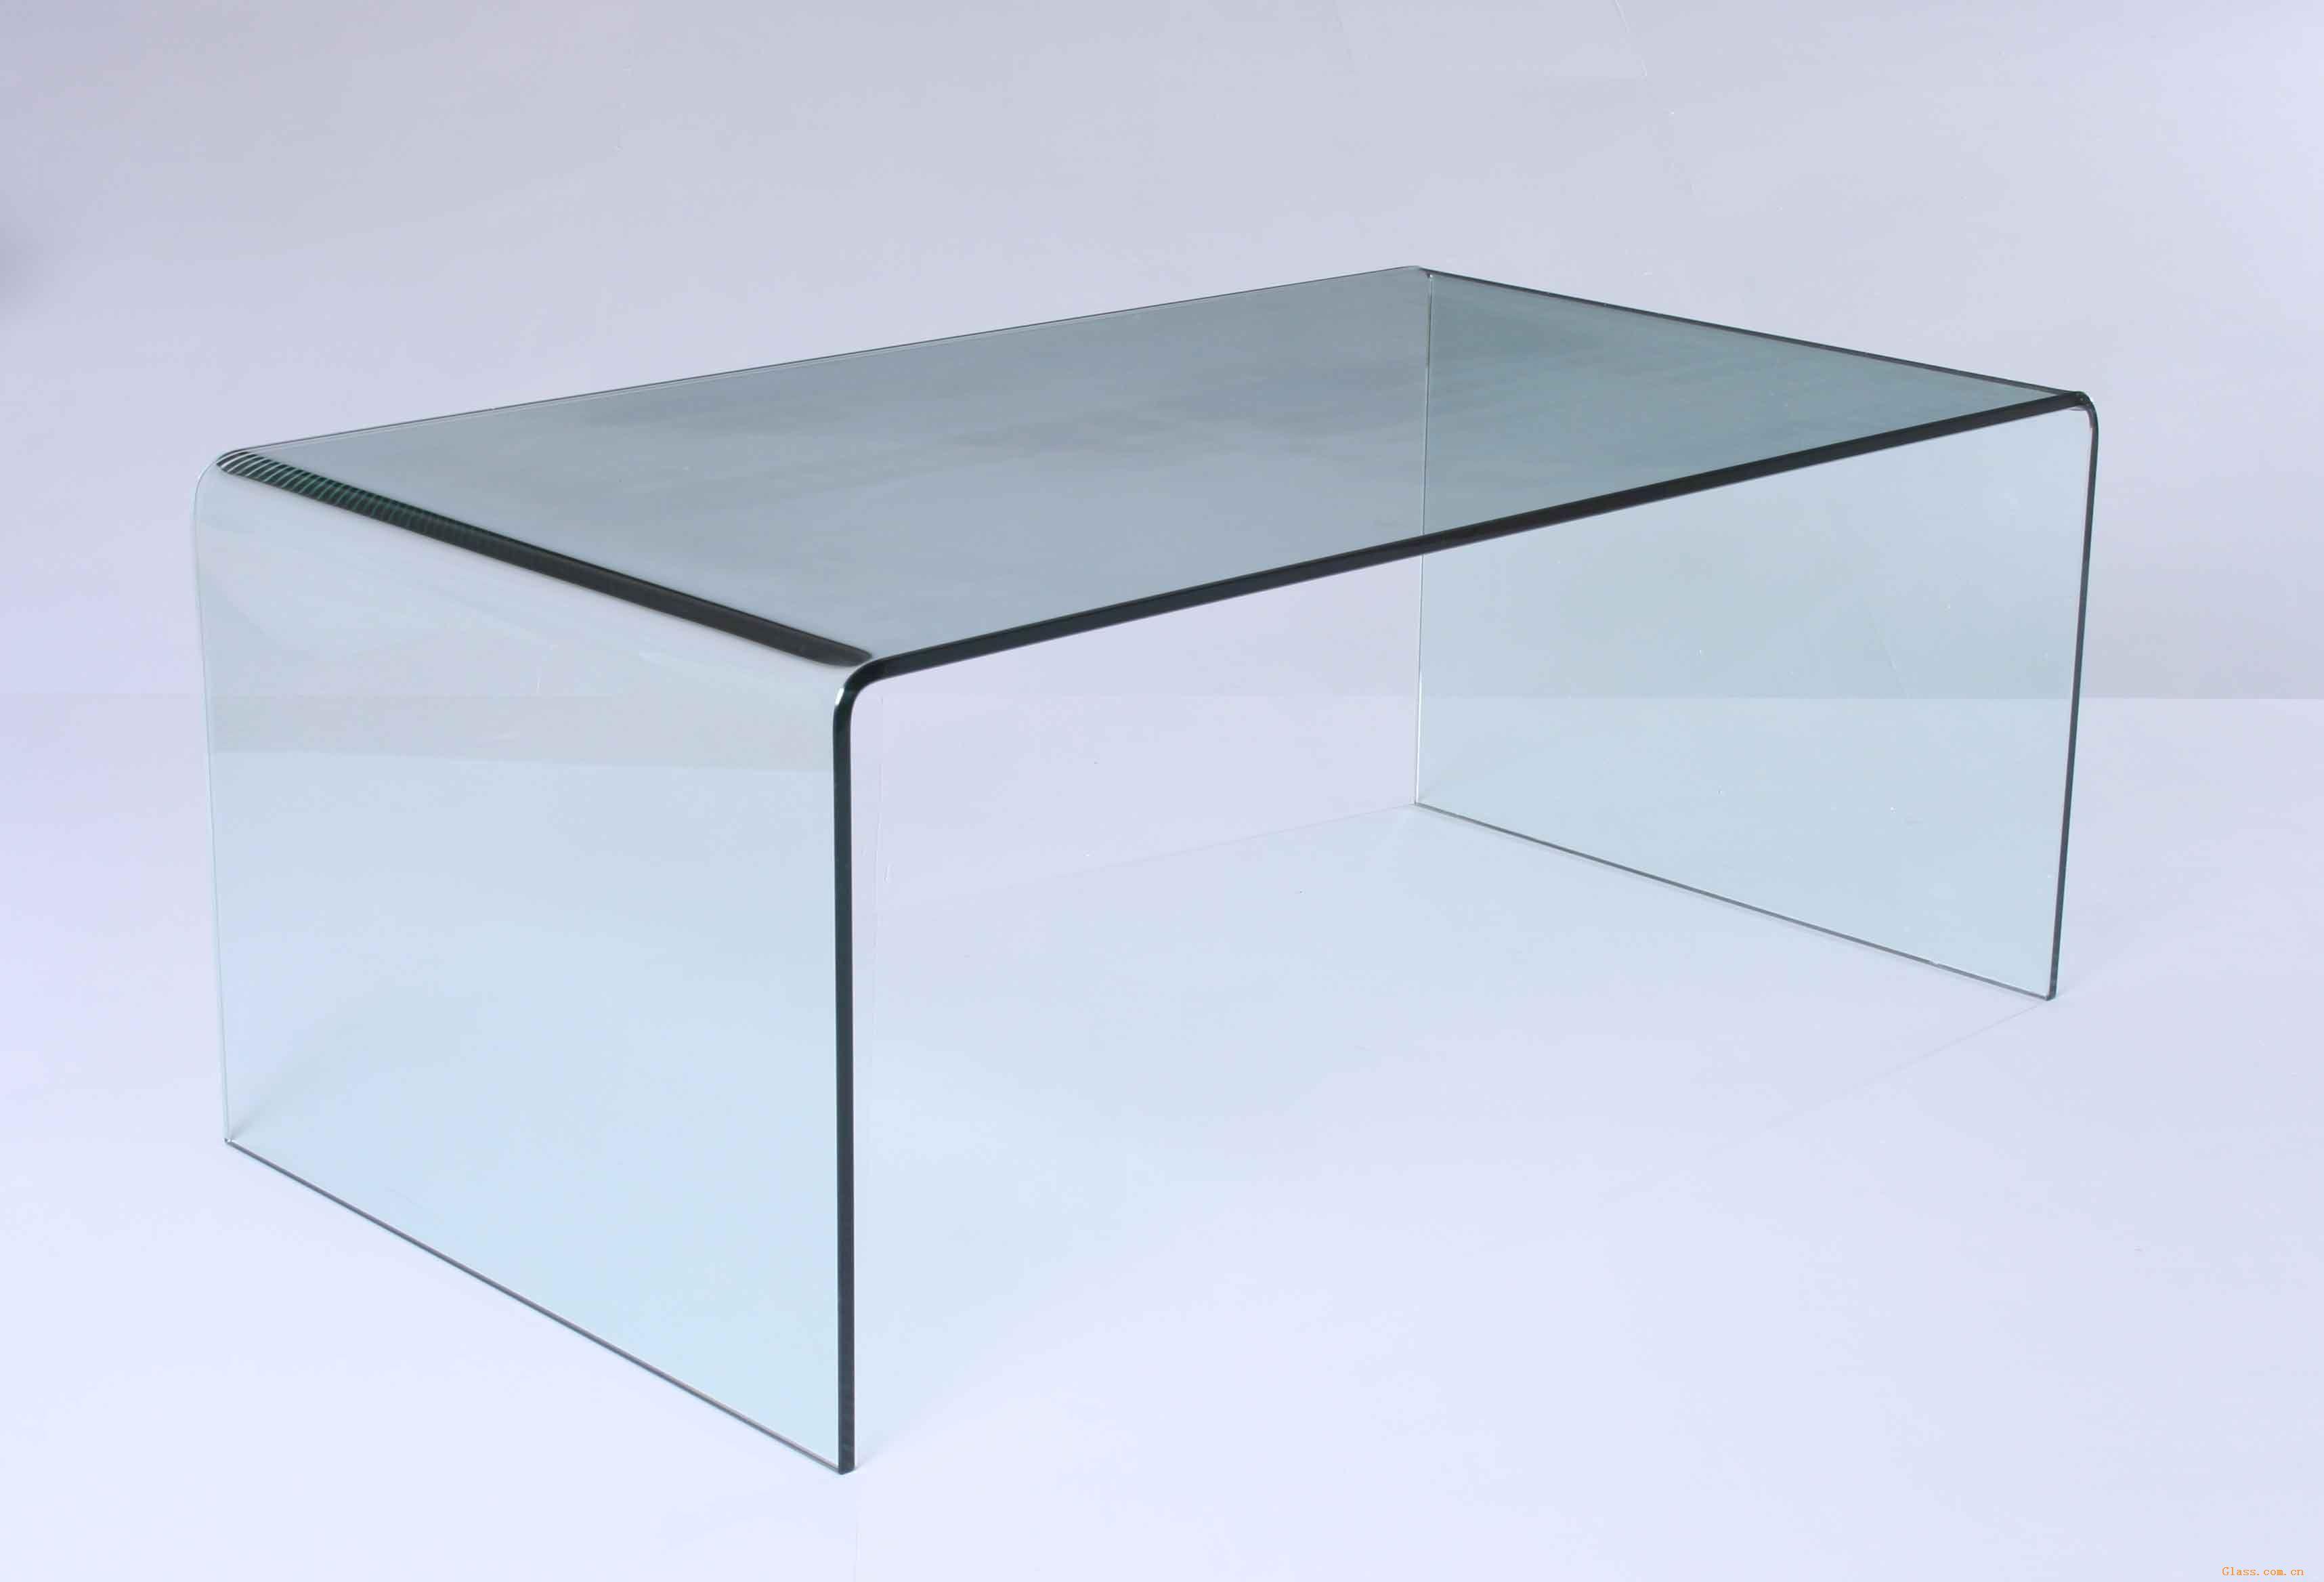 科诺尔玻璃科技有限公司中外合资企业,创建于2000年,专业于钢化玻璃技术、钢化玻璃家居及工业技术玻璃产品的开发与制造是三星、大宇电子、LG、海尔等著名公司的长期供应商,产品远销至北美、南美、东南亚、欧洲、西亚以及韩国、日本。它是我国长江以北最大的钢化玻璃和玻璃家居生产企业。公司位于风景秀丽、气候宜人、交通发达的滨海城市龙口经济开发区,206国道横贯门前,距威乌高速路口8.